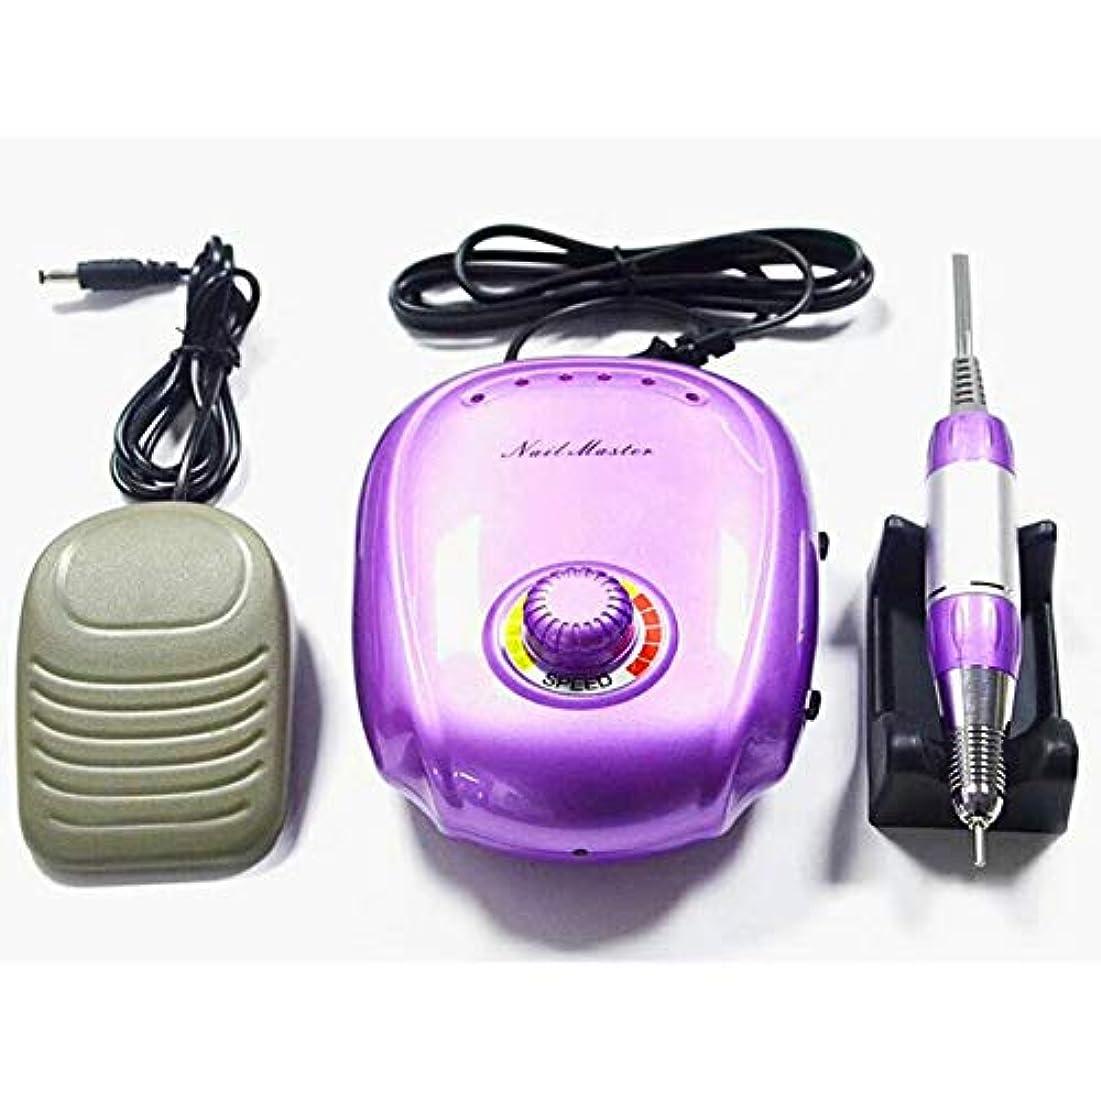 酔っ払い影響を受けやすいですタオル電動ネイルドリル、アクリルジェル用充電式マニキュアドリルペディキュア研磨ツールネイルアートペディキュアファイルDIY用ネイル機器用ポリッシャー(35000 RPM),紫色